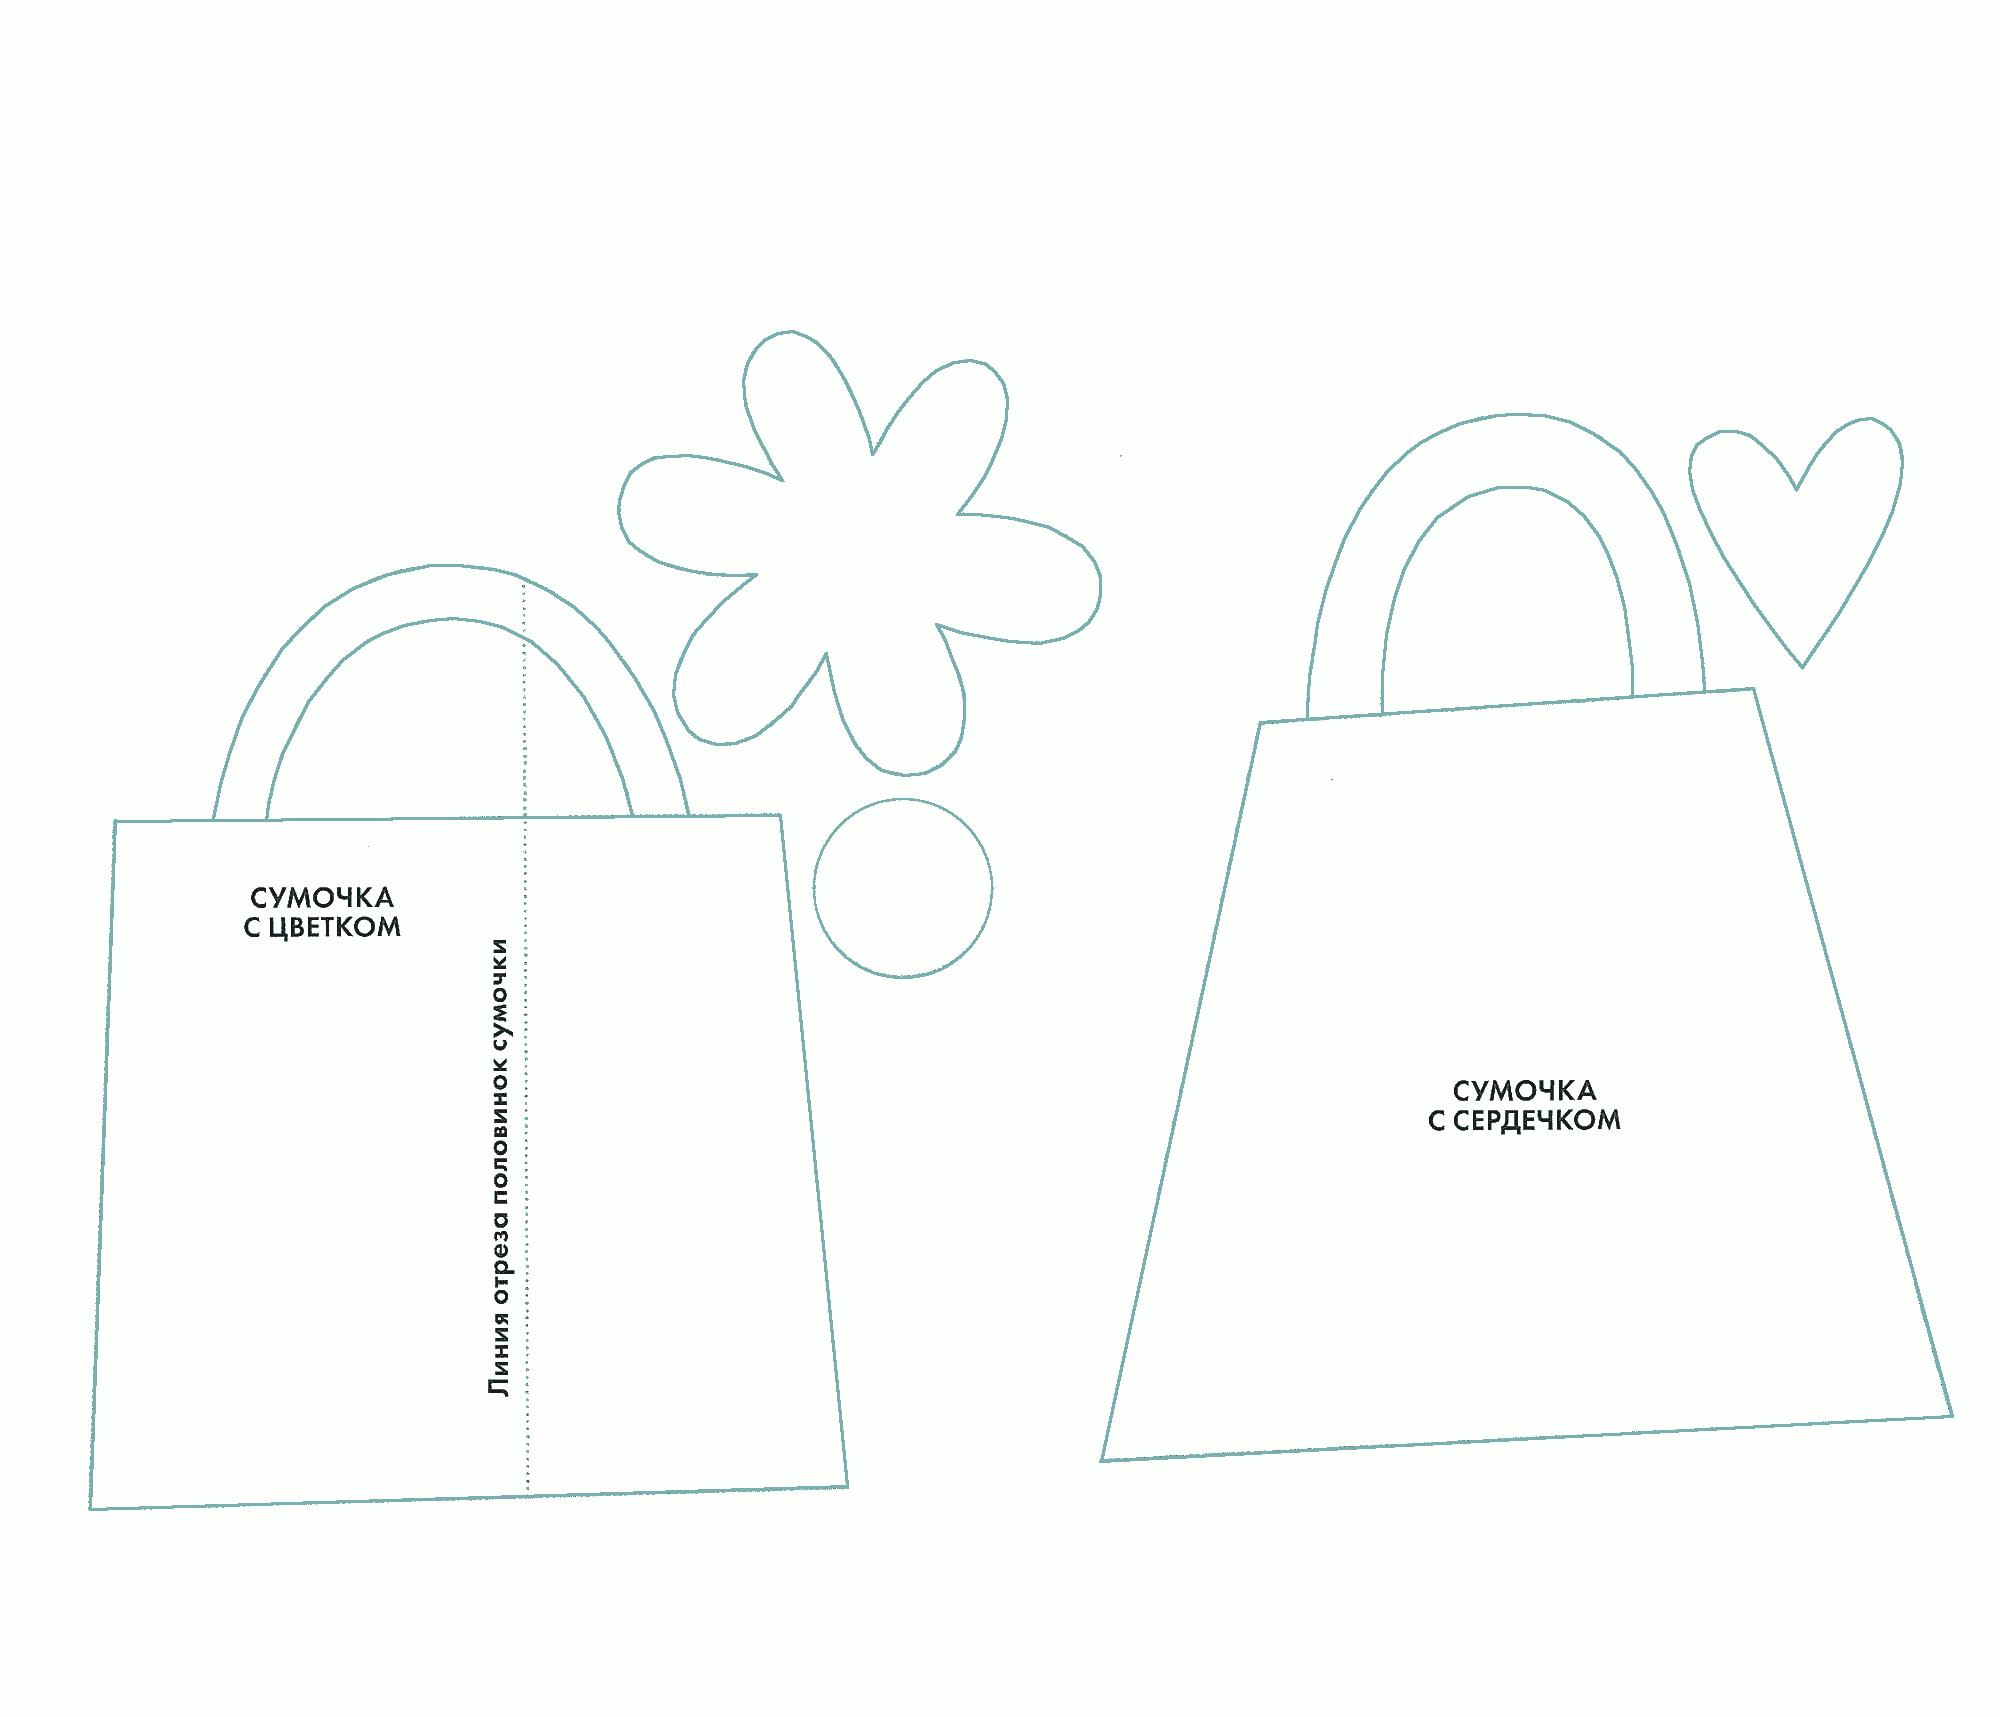 Модели из бумаги и картона скачать бесплатно. Бумажные 75